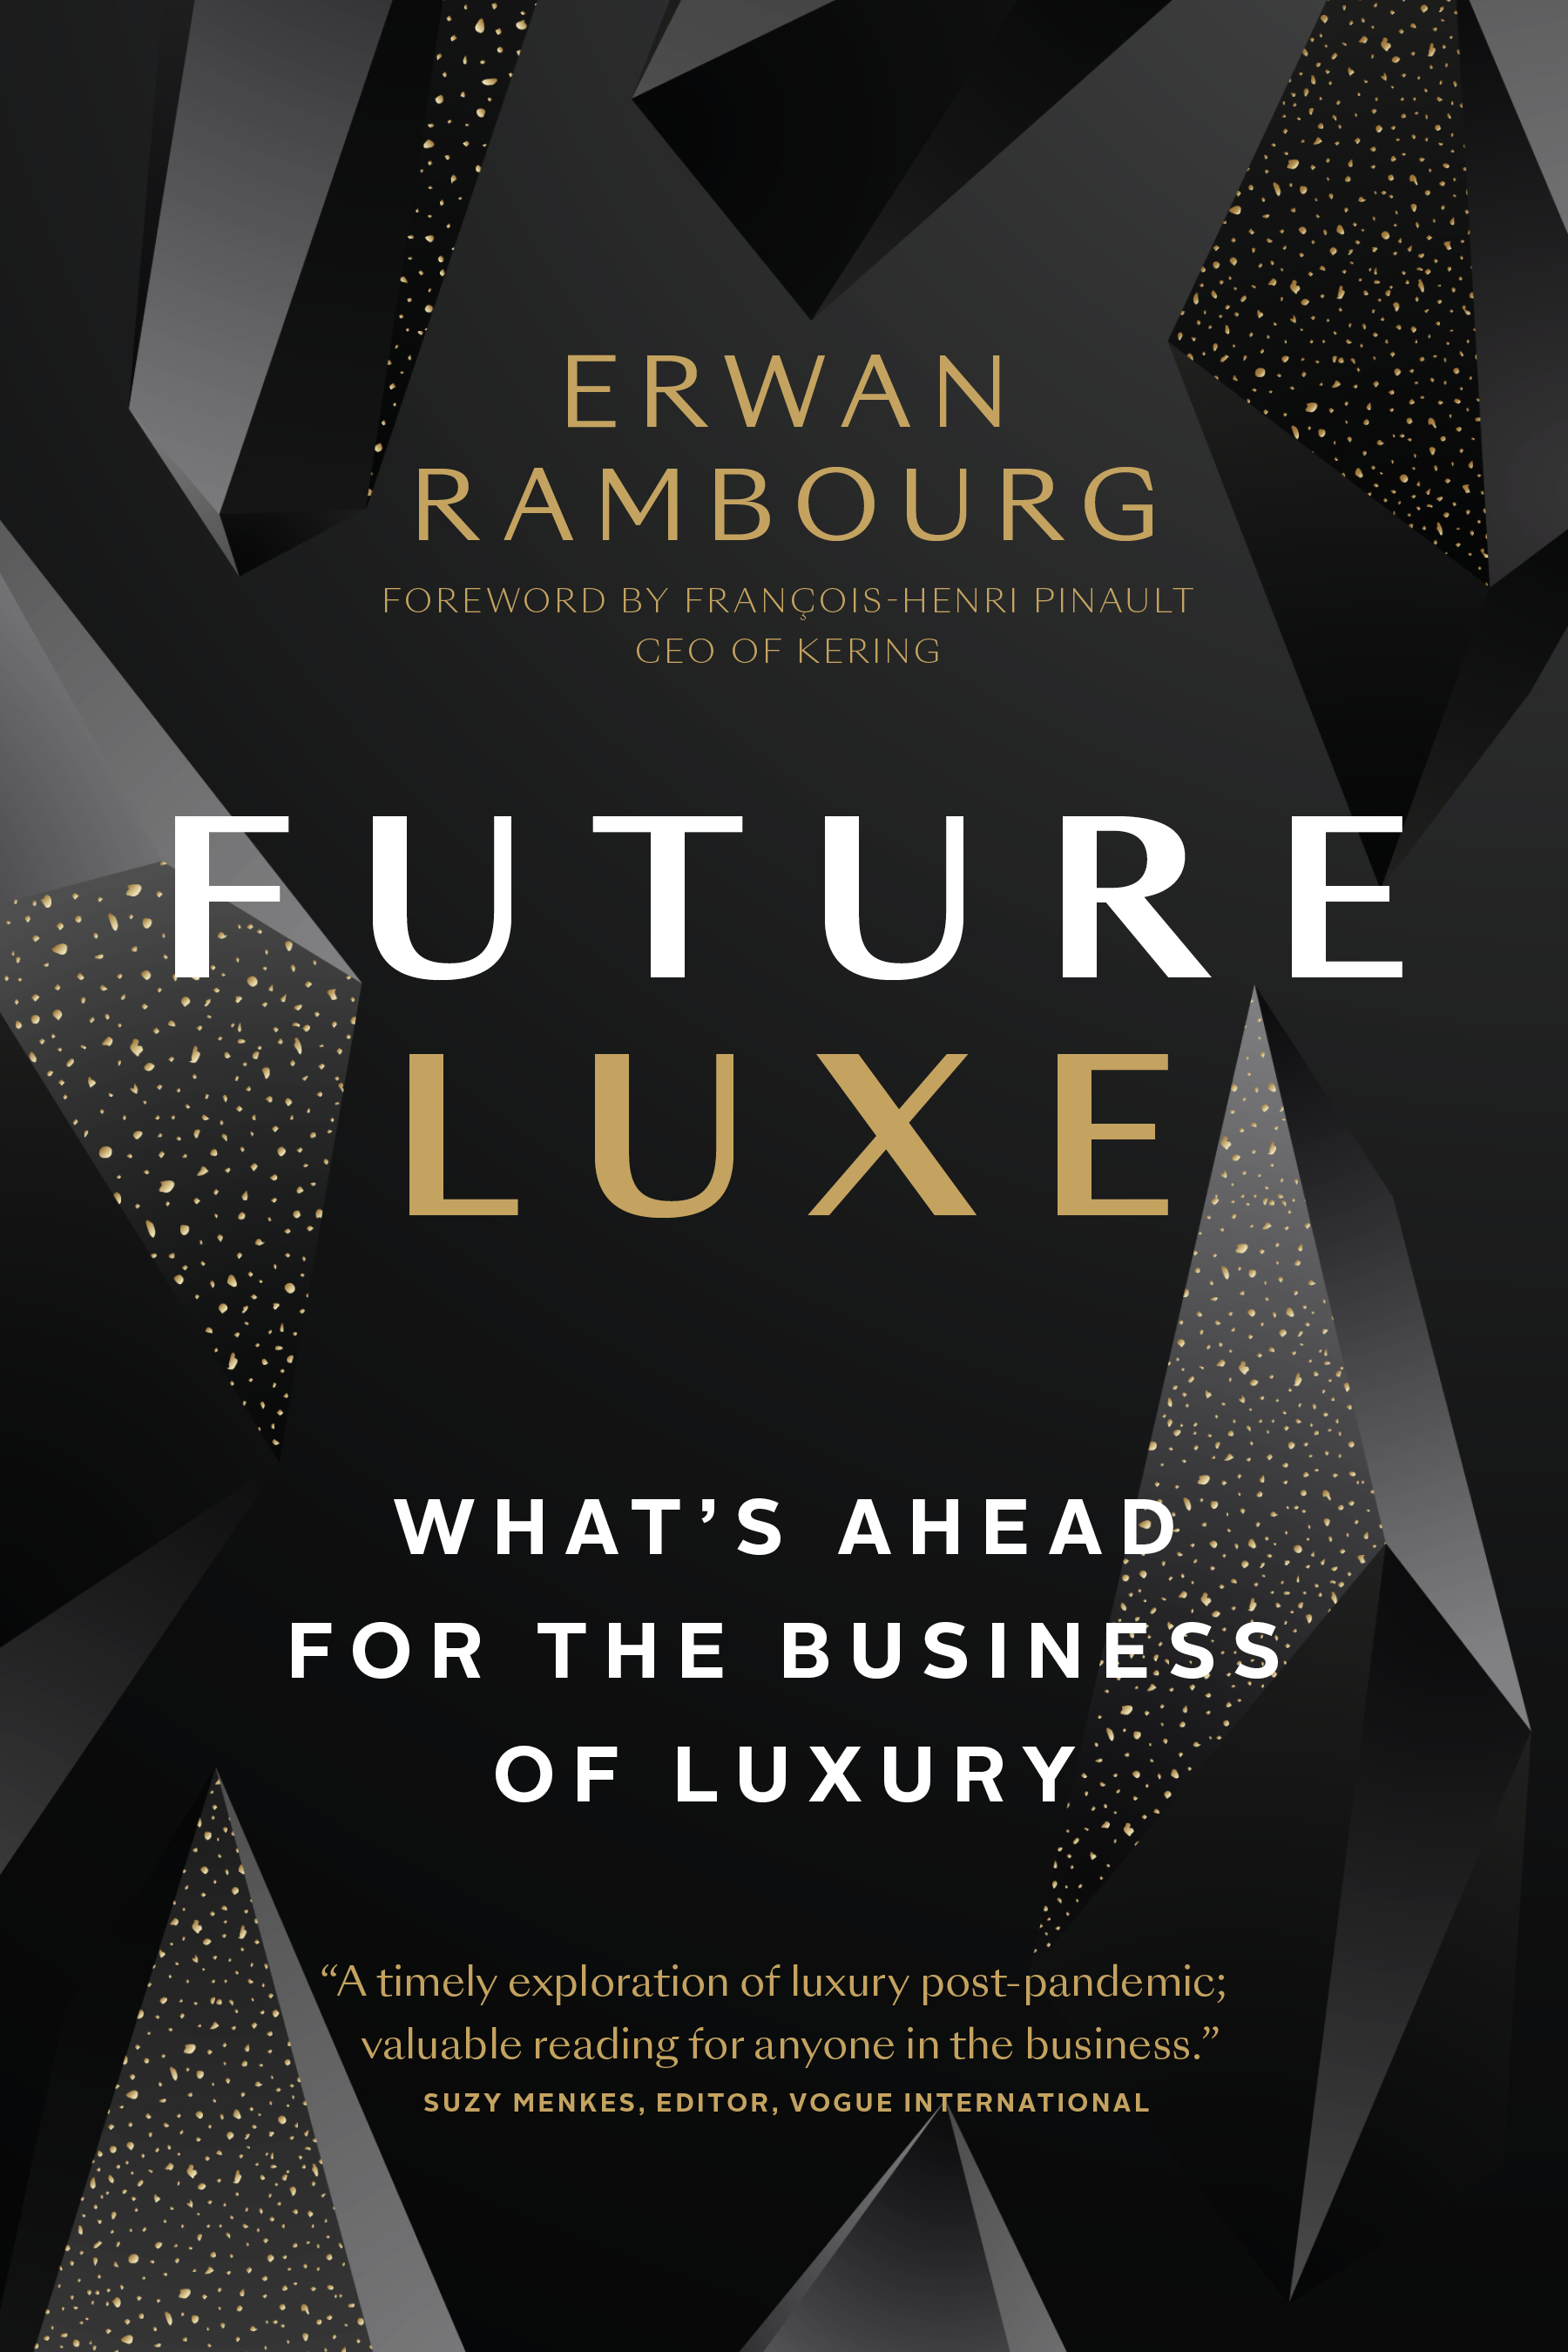 Luxury analyst Erwan Rambourg's book 'Future Luxe'.